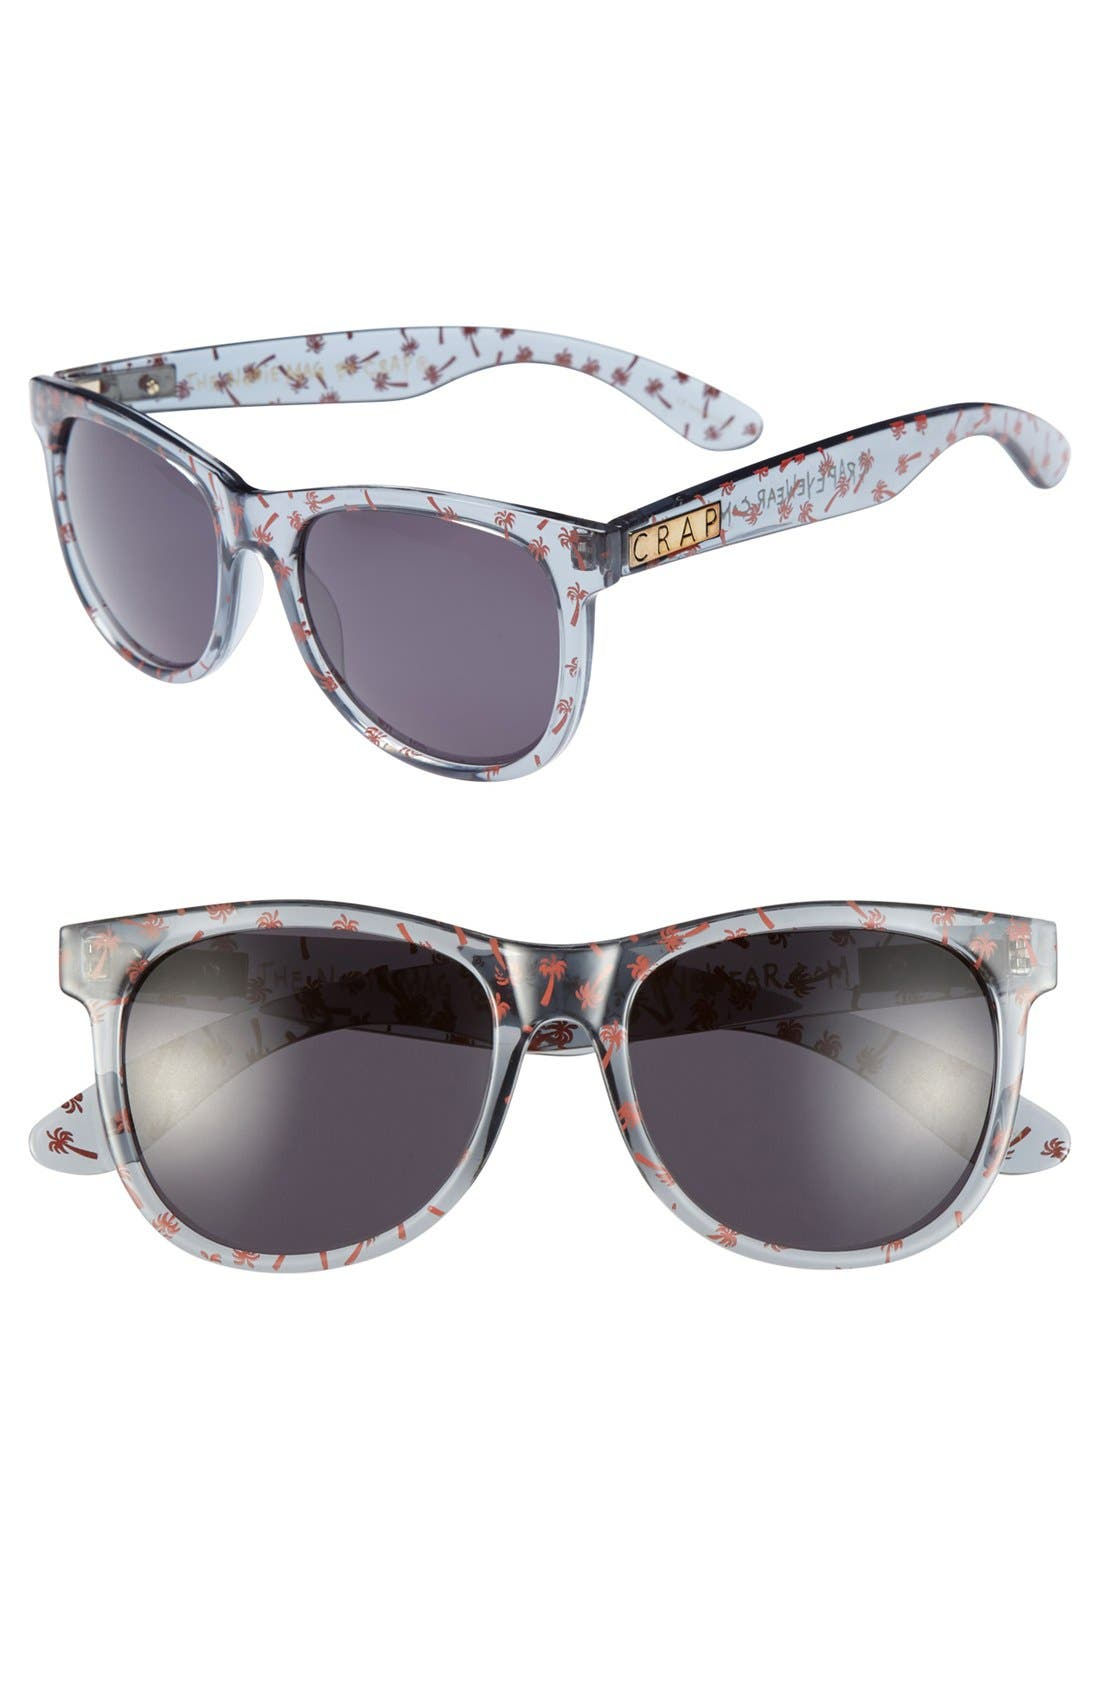 Alternate Image 1 Selected - CRAP Eyewear 'Nudie Mag' 54mm Sunglasses